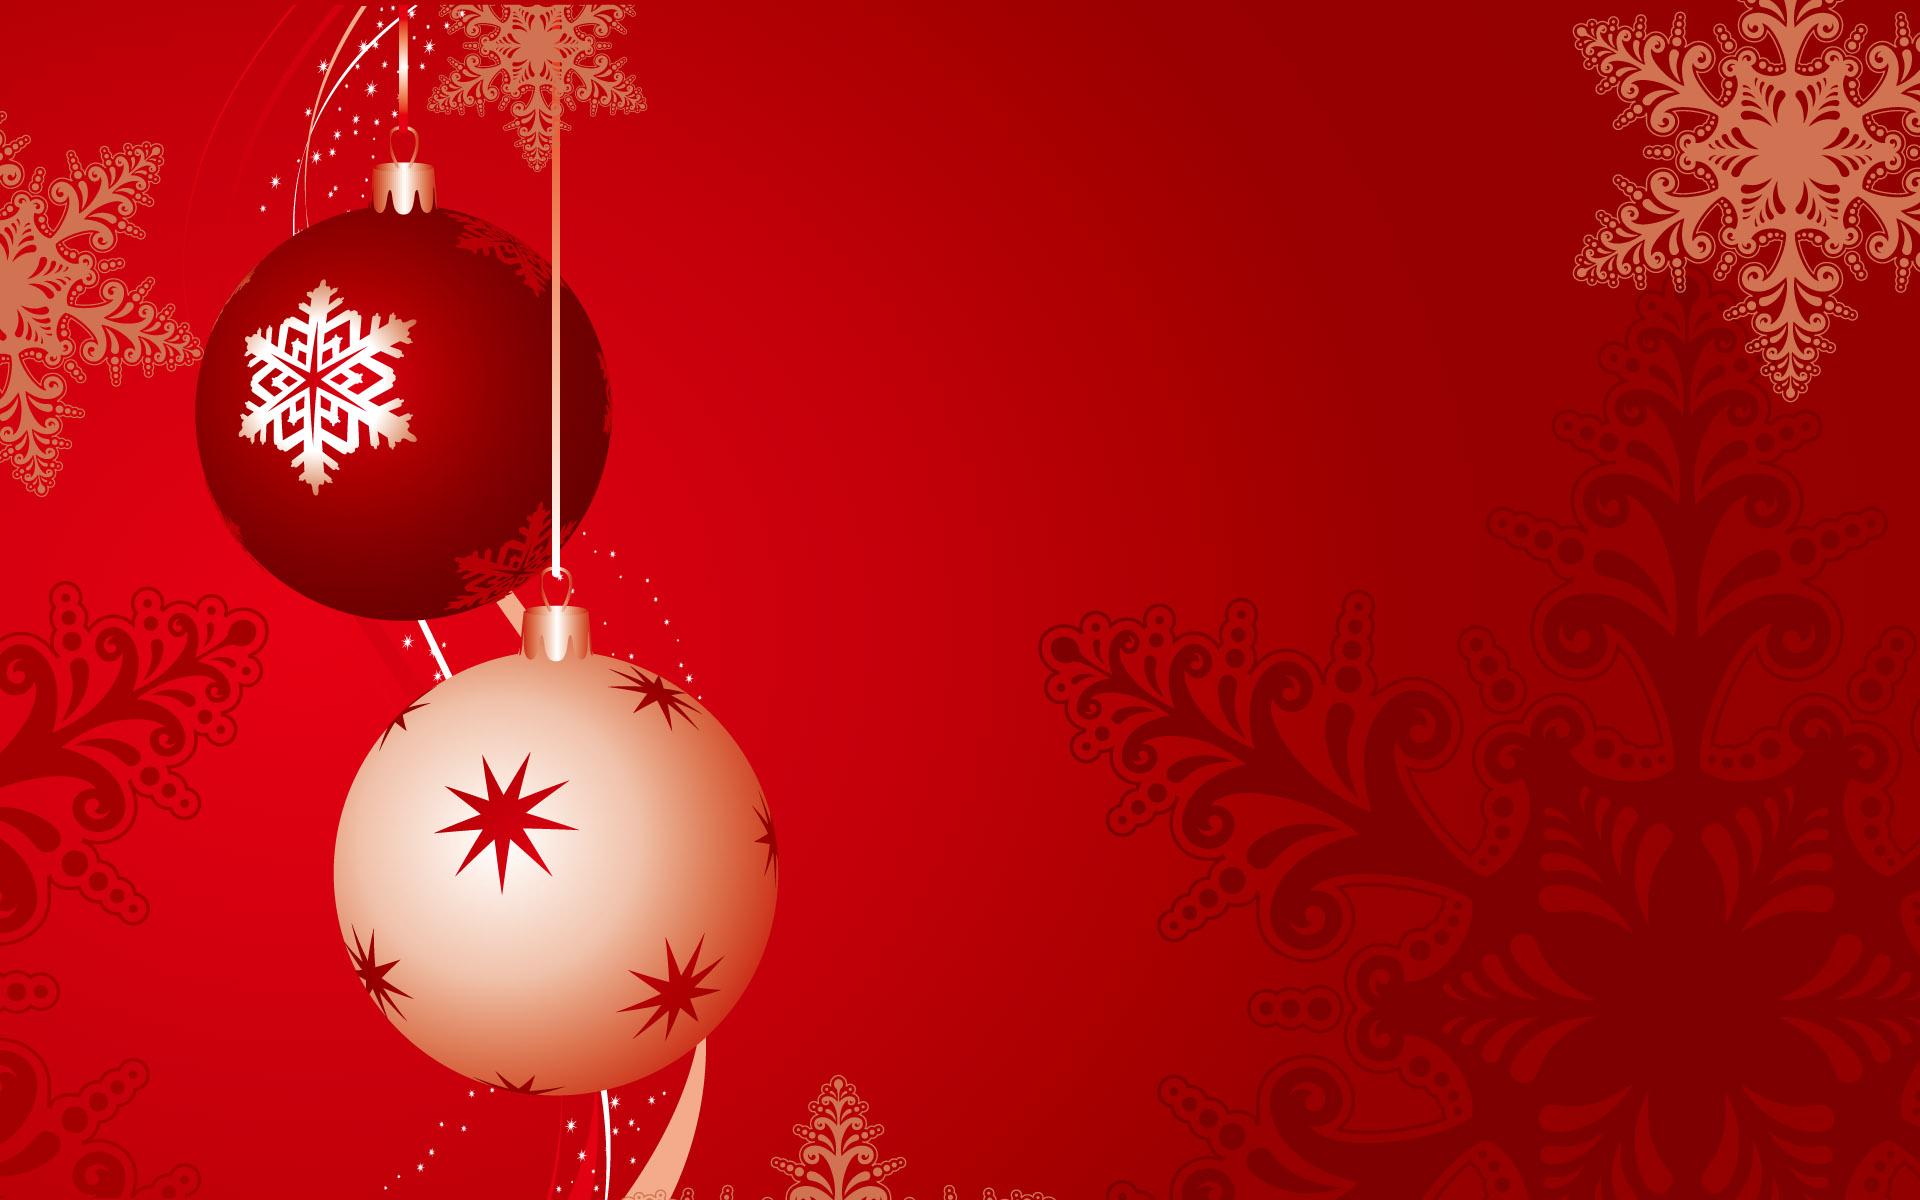 Fondo rojo con bolas de navidad - 1920x1200